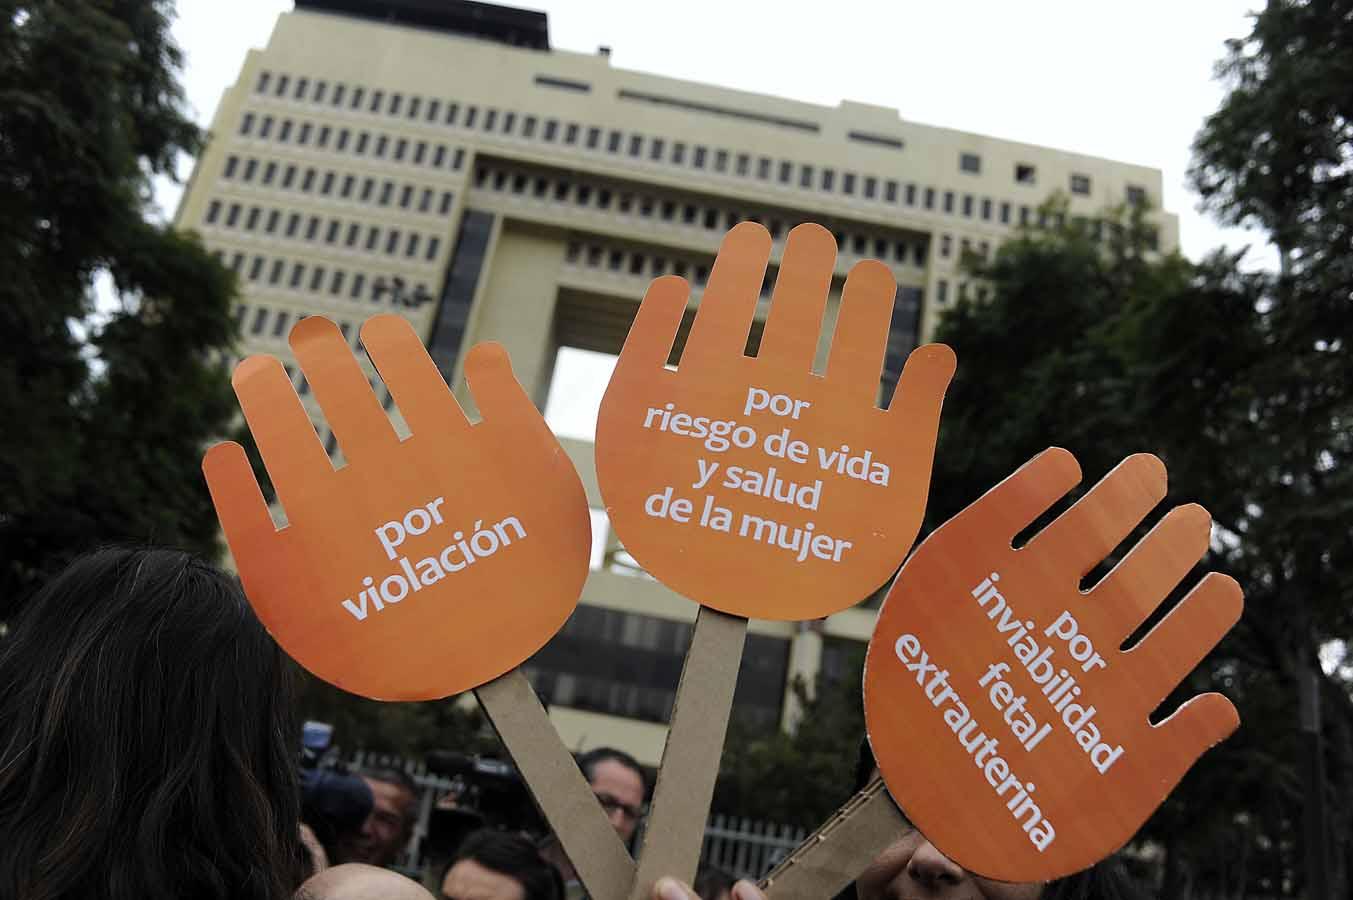 Denuncian falencias en implementación de aborto en tres causales durante gobierno de Piñera